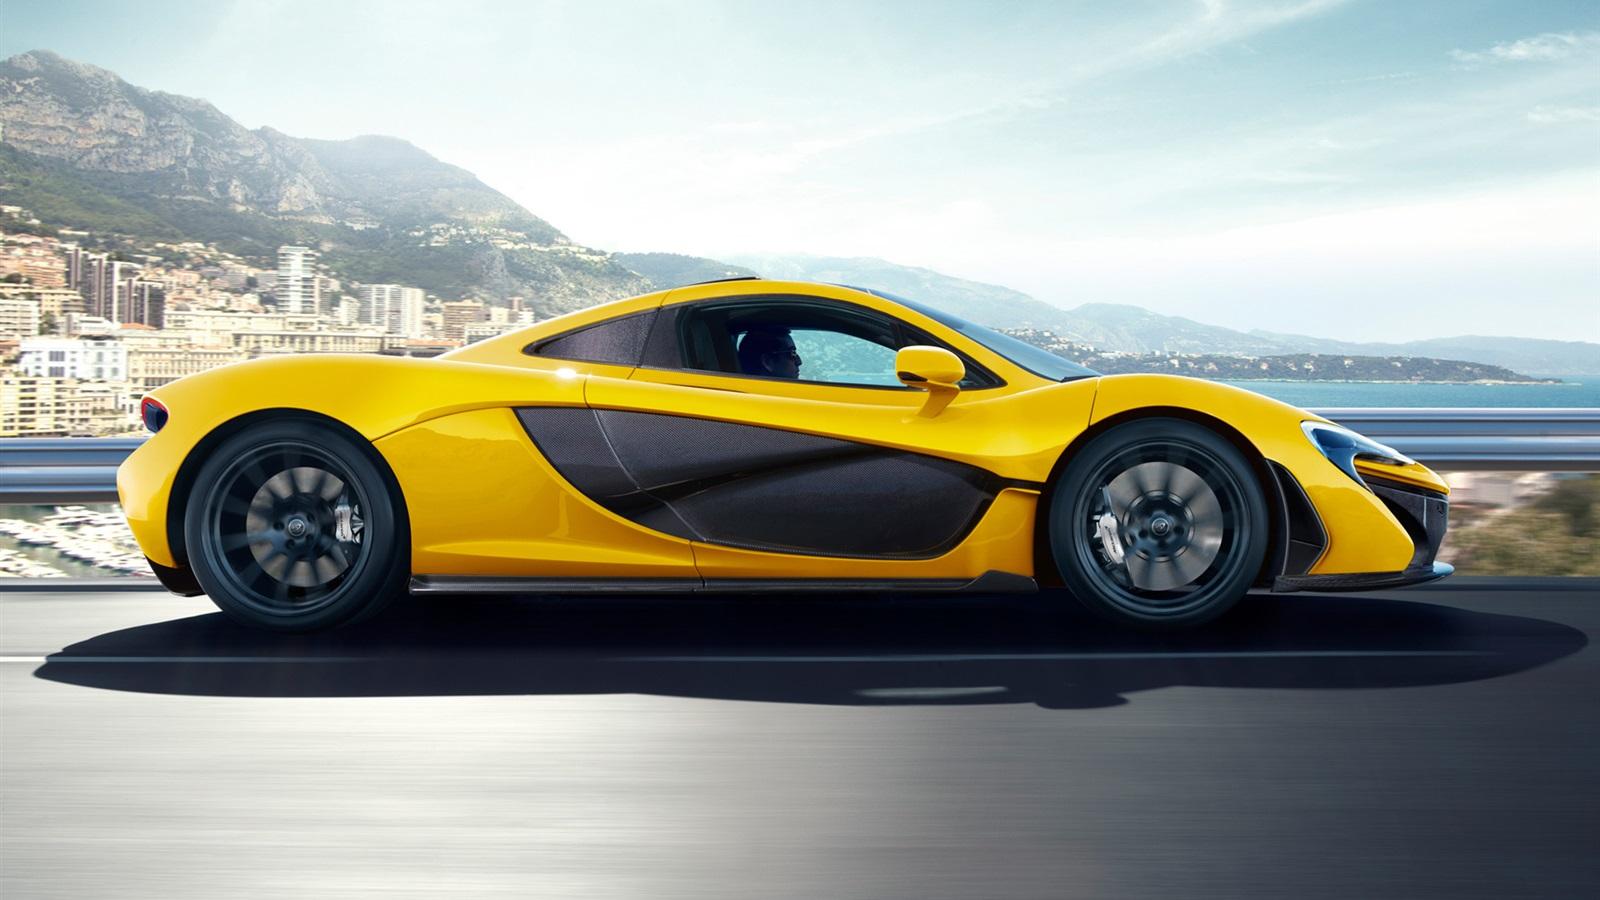 mclaren p1 yellow car ...